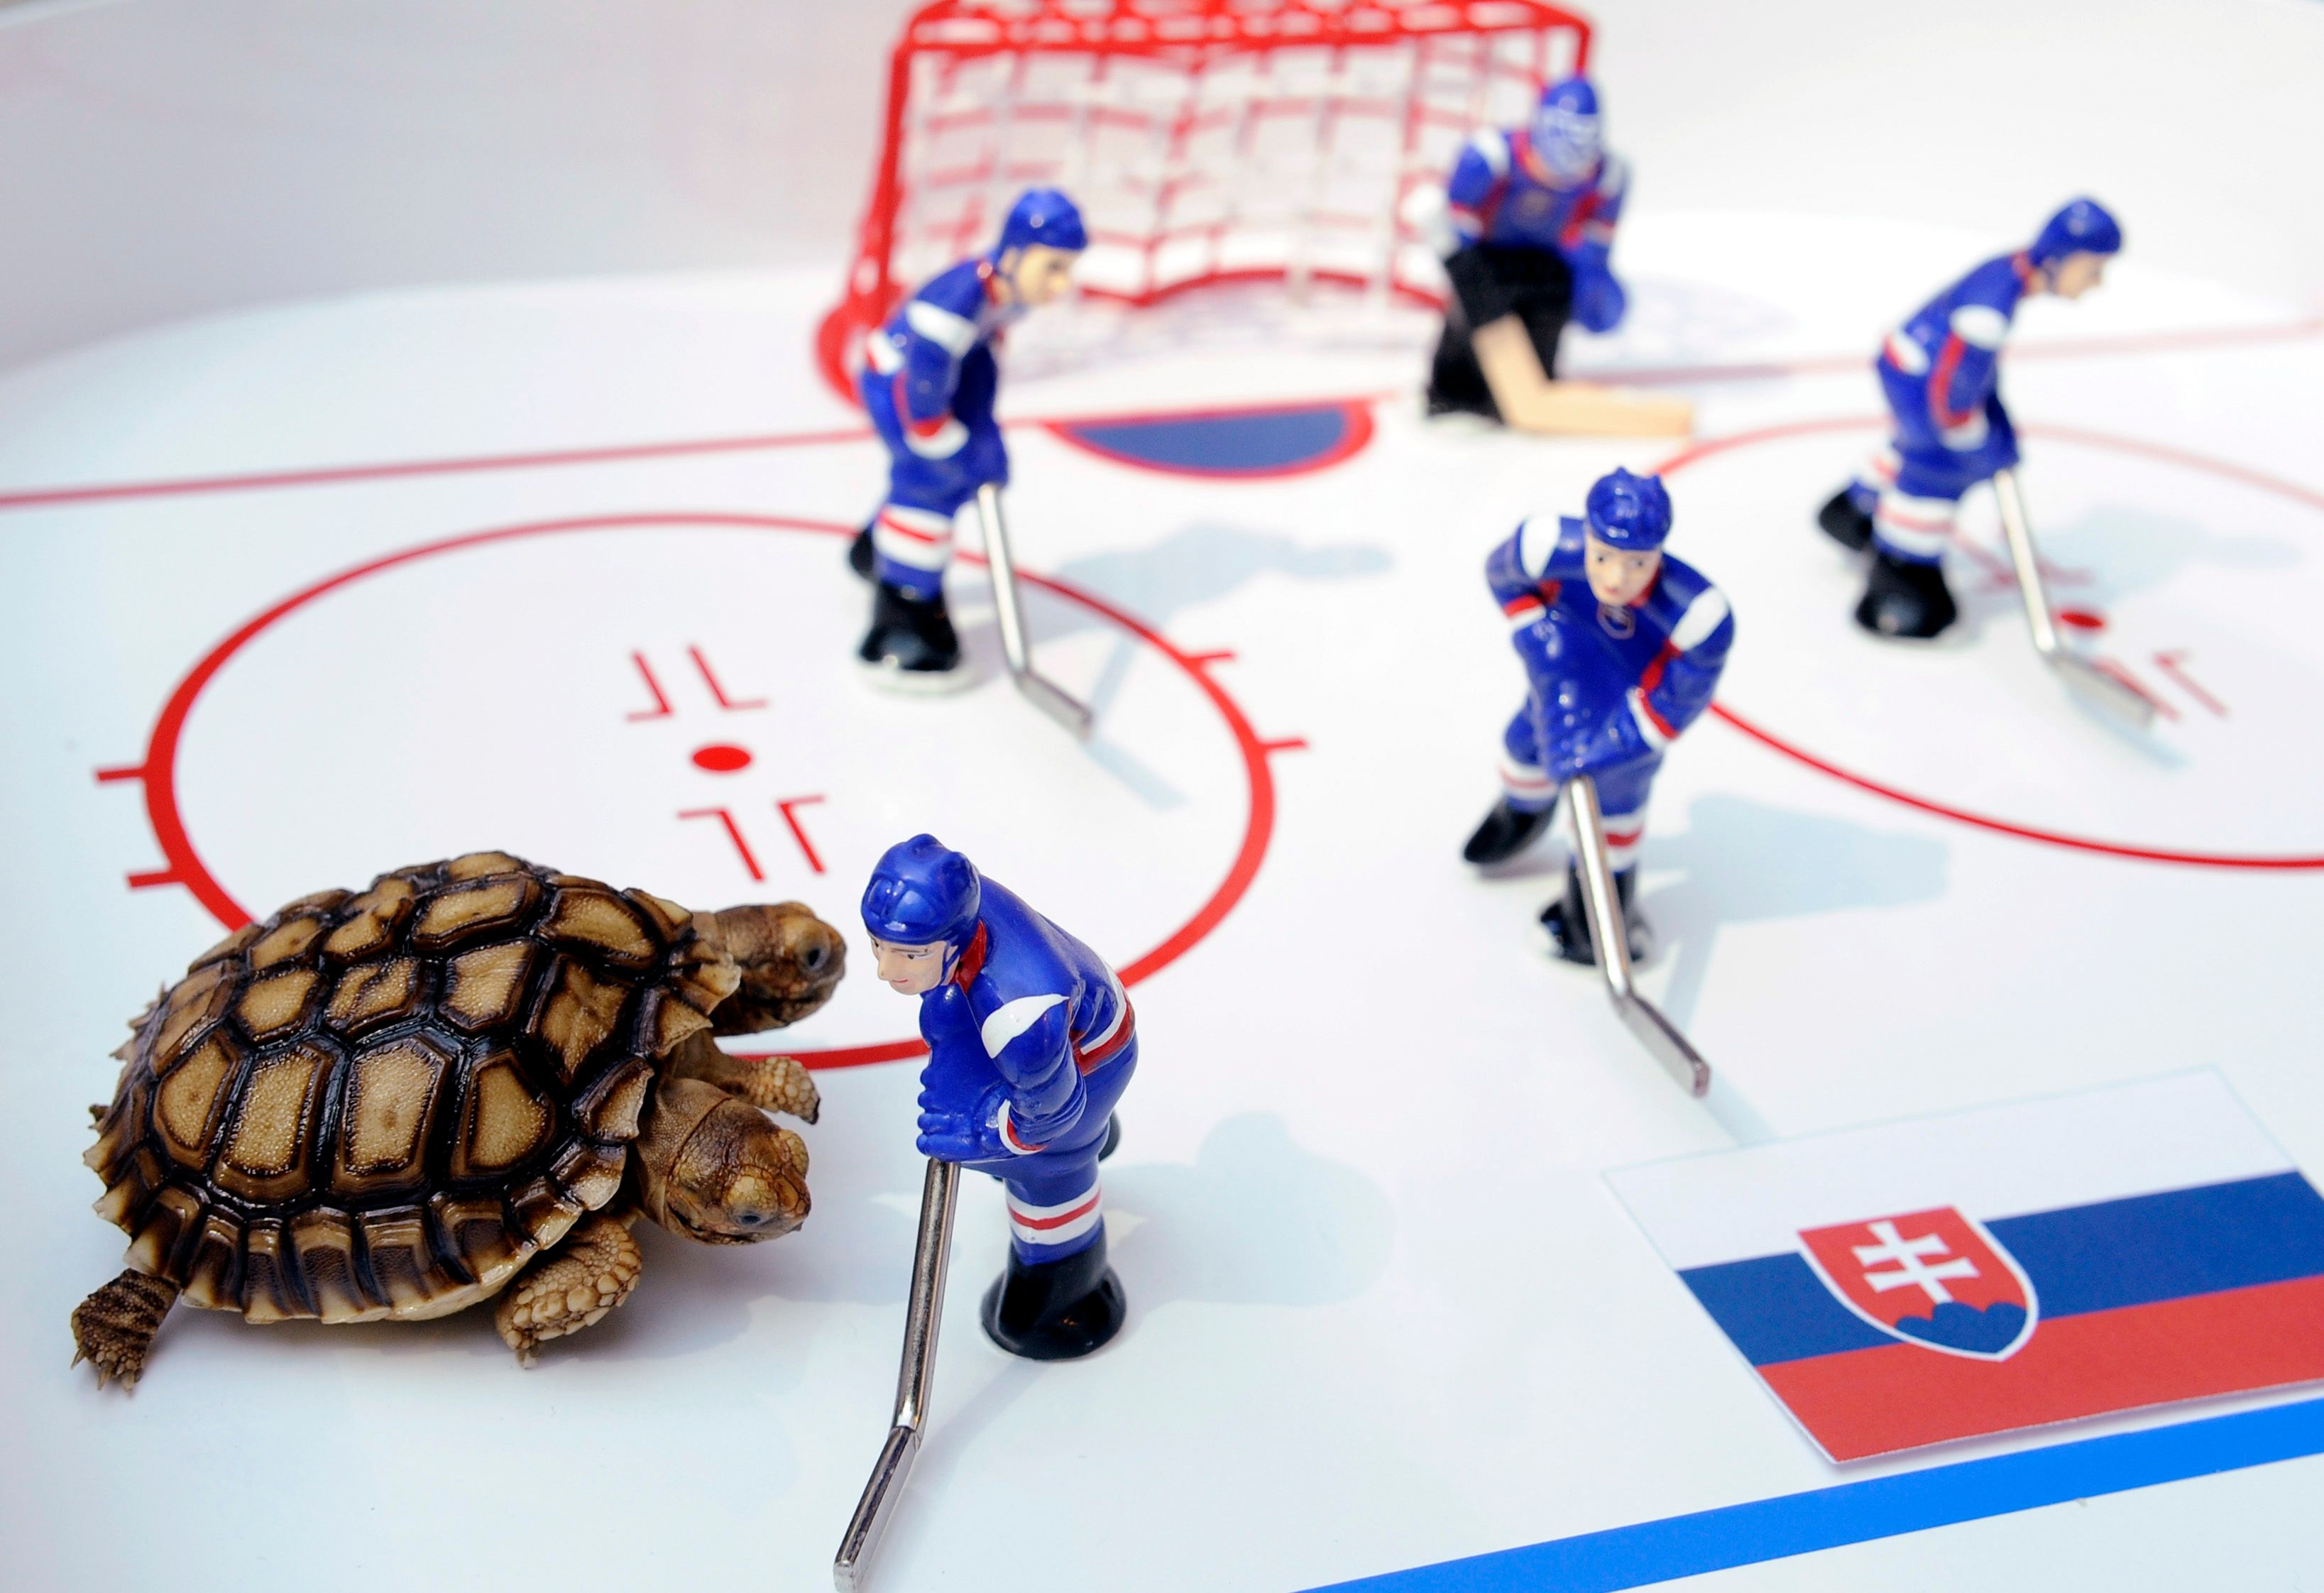 Allemagne : il greffe une roue de Lego sur une tortue